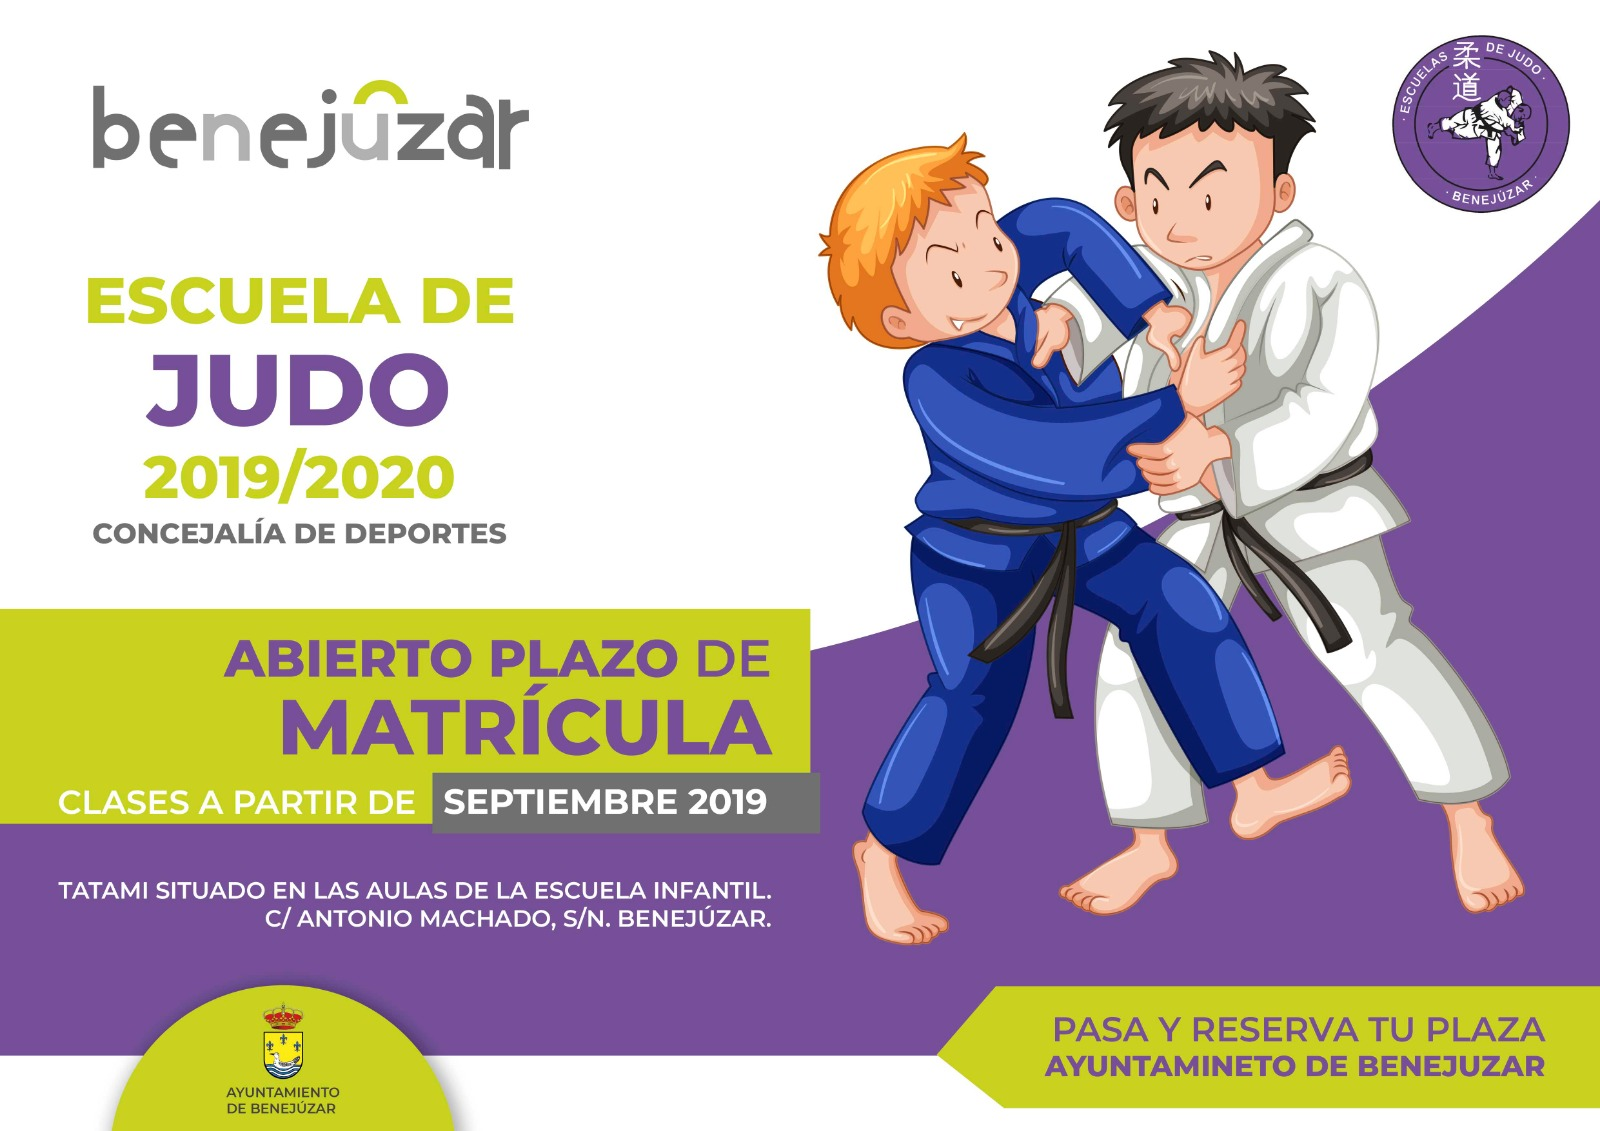 BENEJUZAR ESCUELA DE JUDO 2019-08-10 at 08.21.19